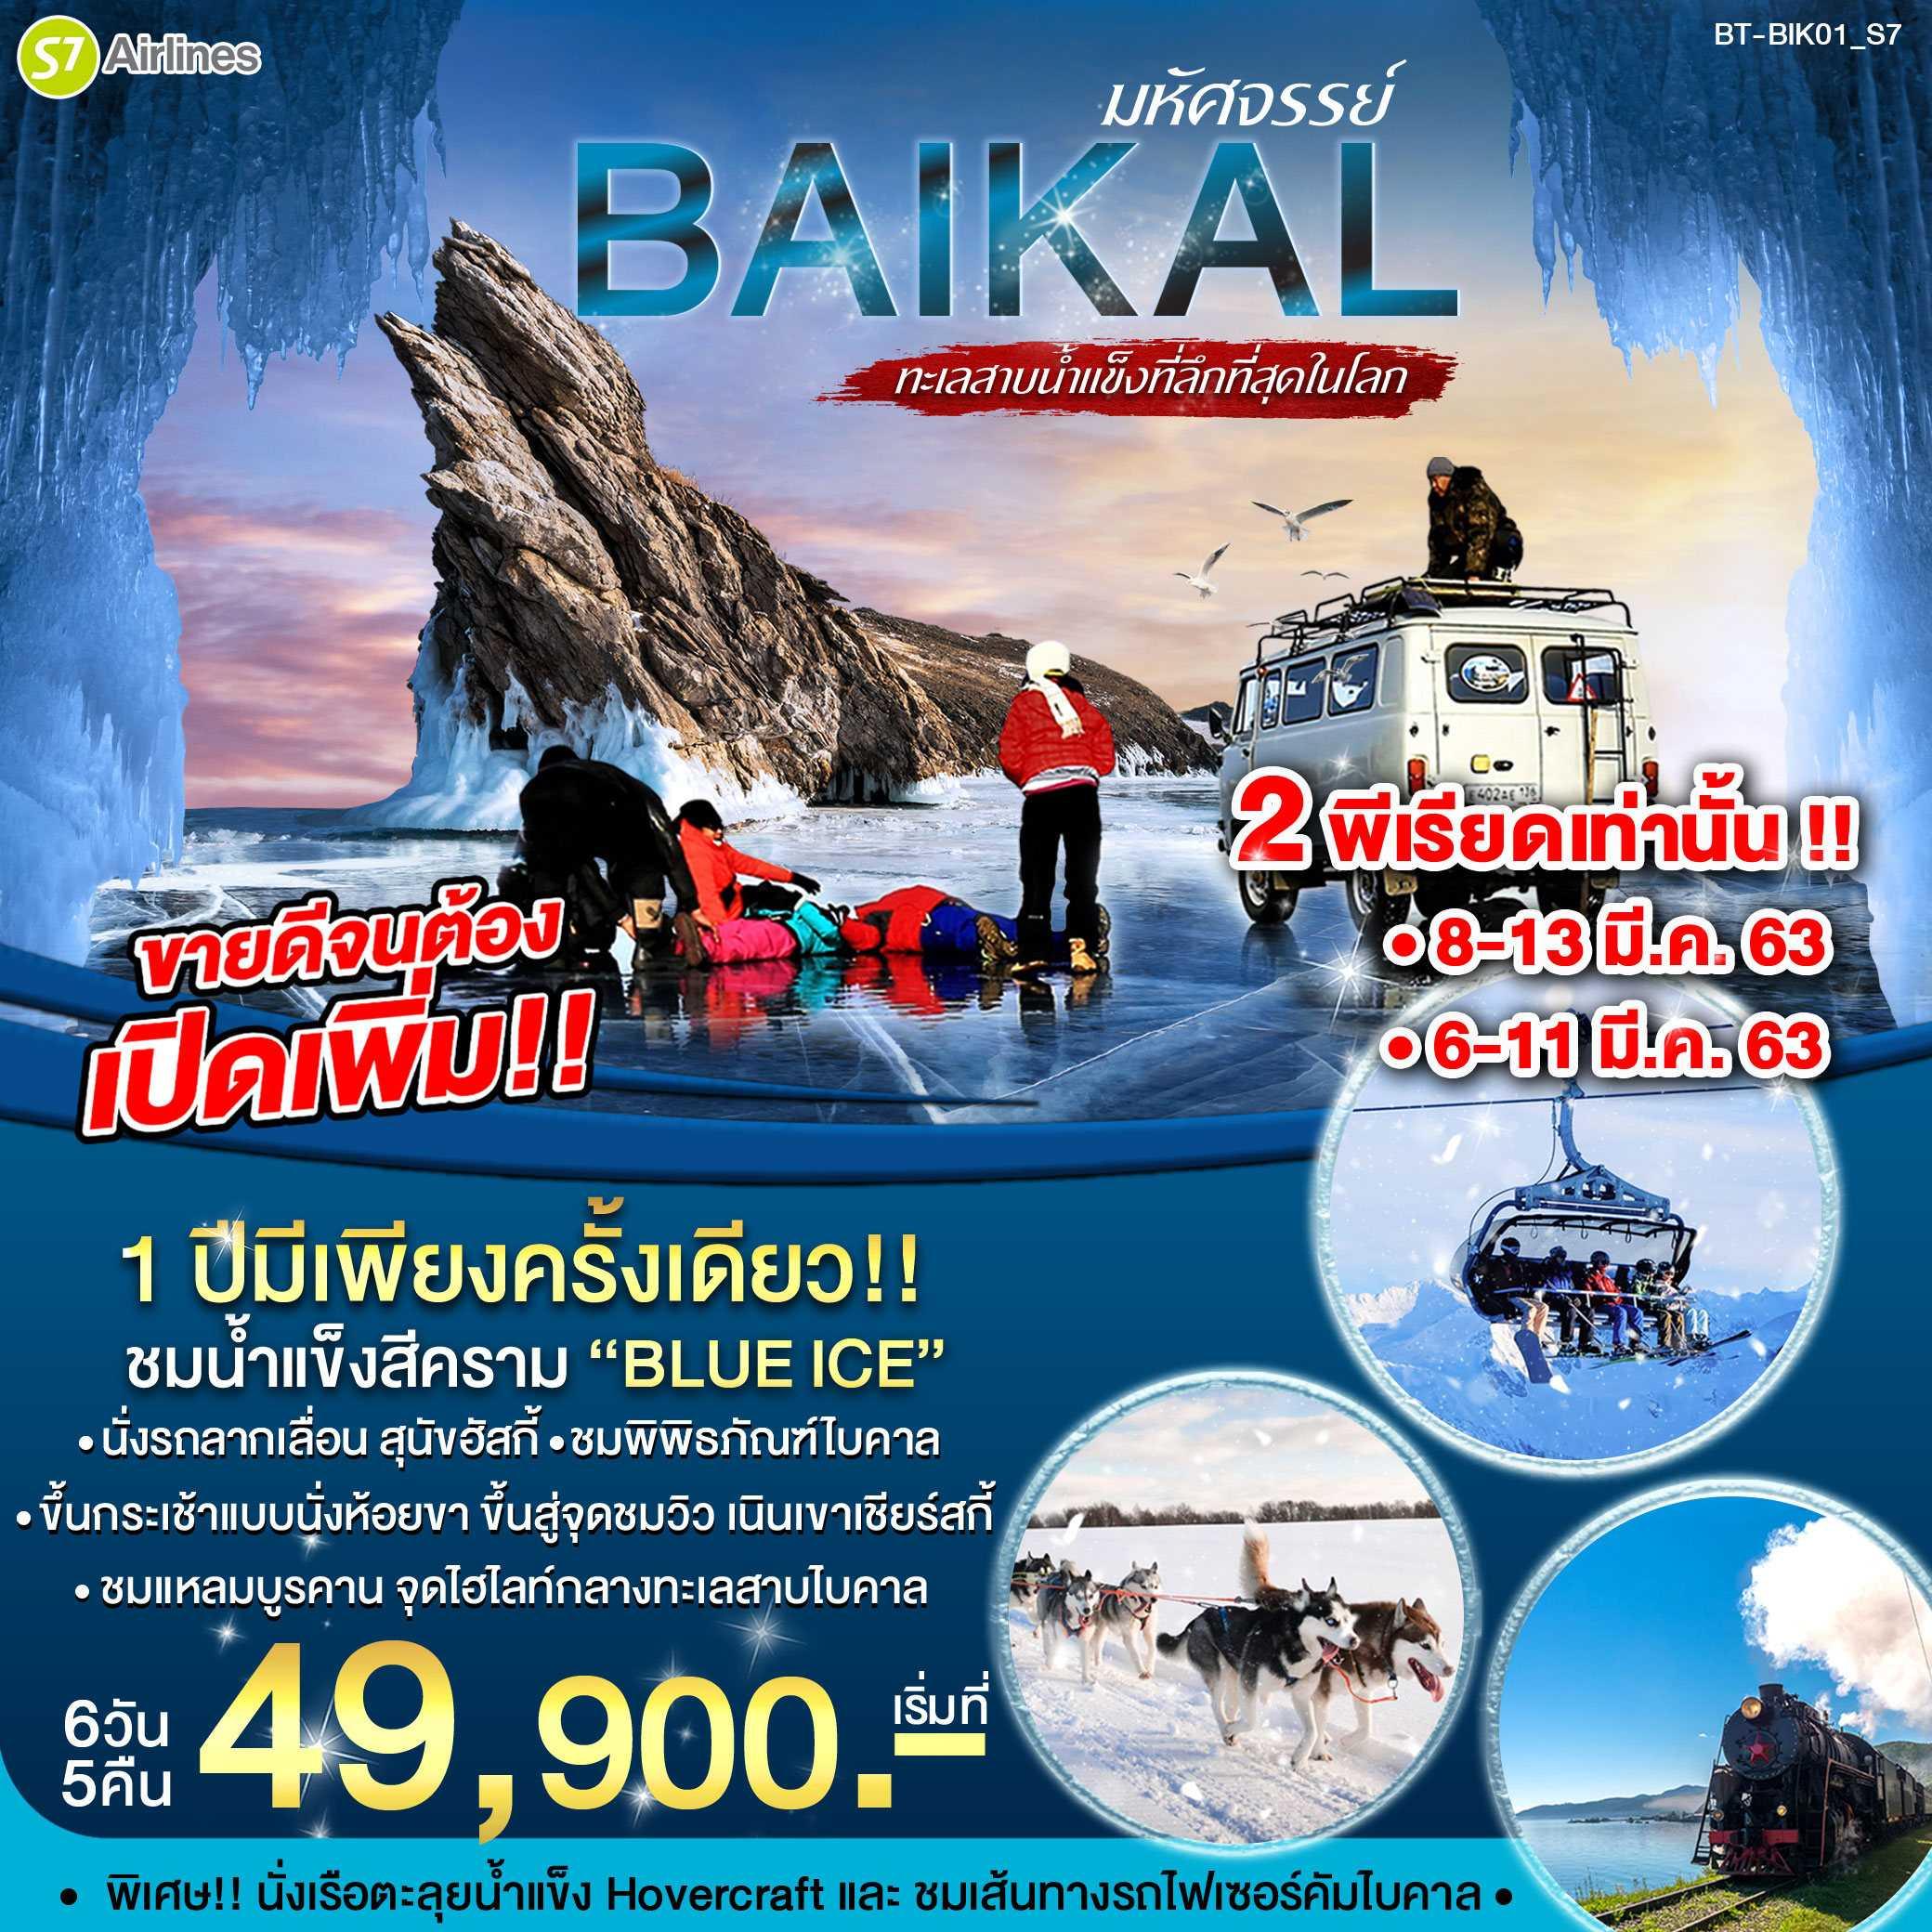 มหัศจรรย์ BAIKAL (ทะเลสาบน้ำแข็งที่ลึกที่สุดในโลก)  (BT-BIK01L_S7)